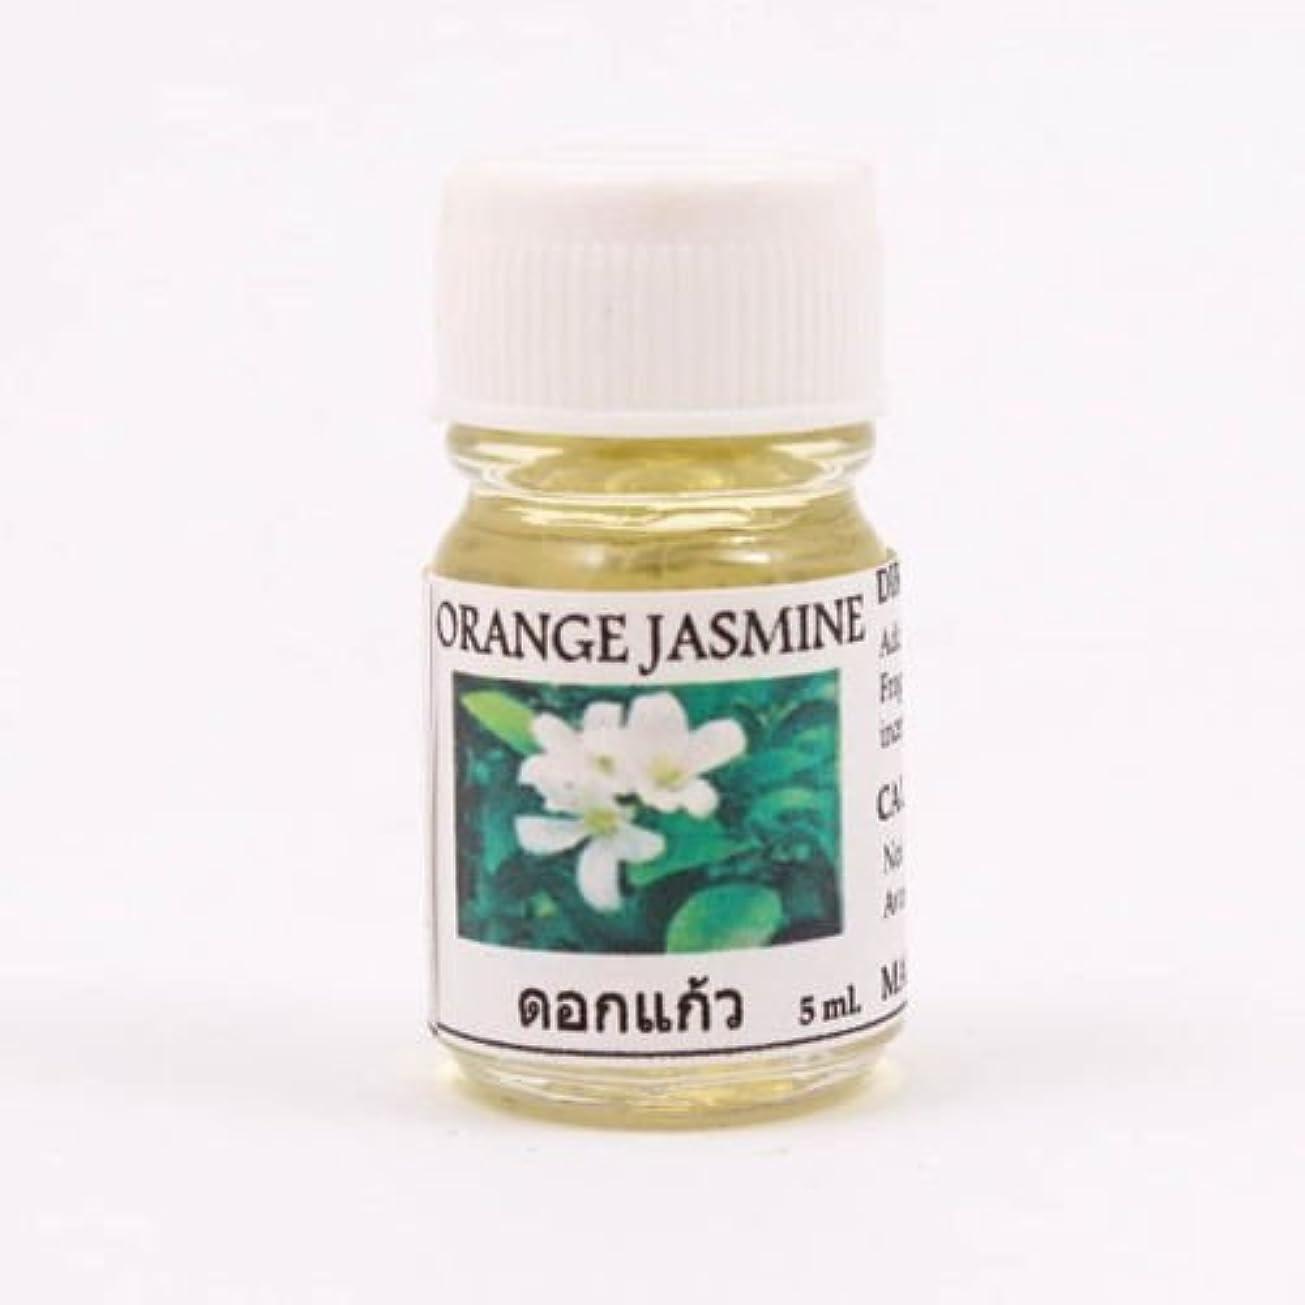 失敗知らせる断言する6X Orange Jasmine Aroma Fragrance Essential Oil 5ML. (cc) Diffuser Burner